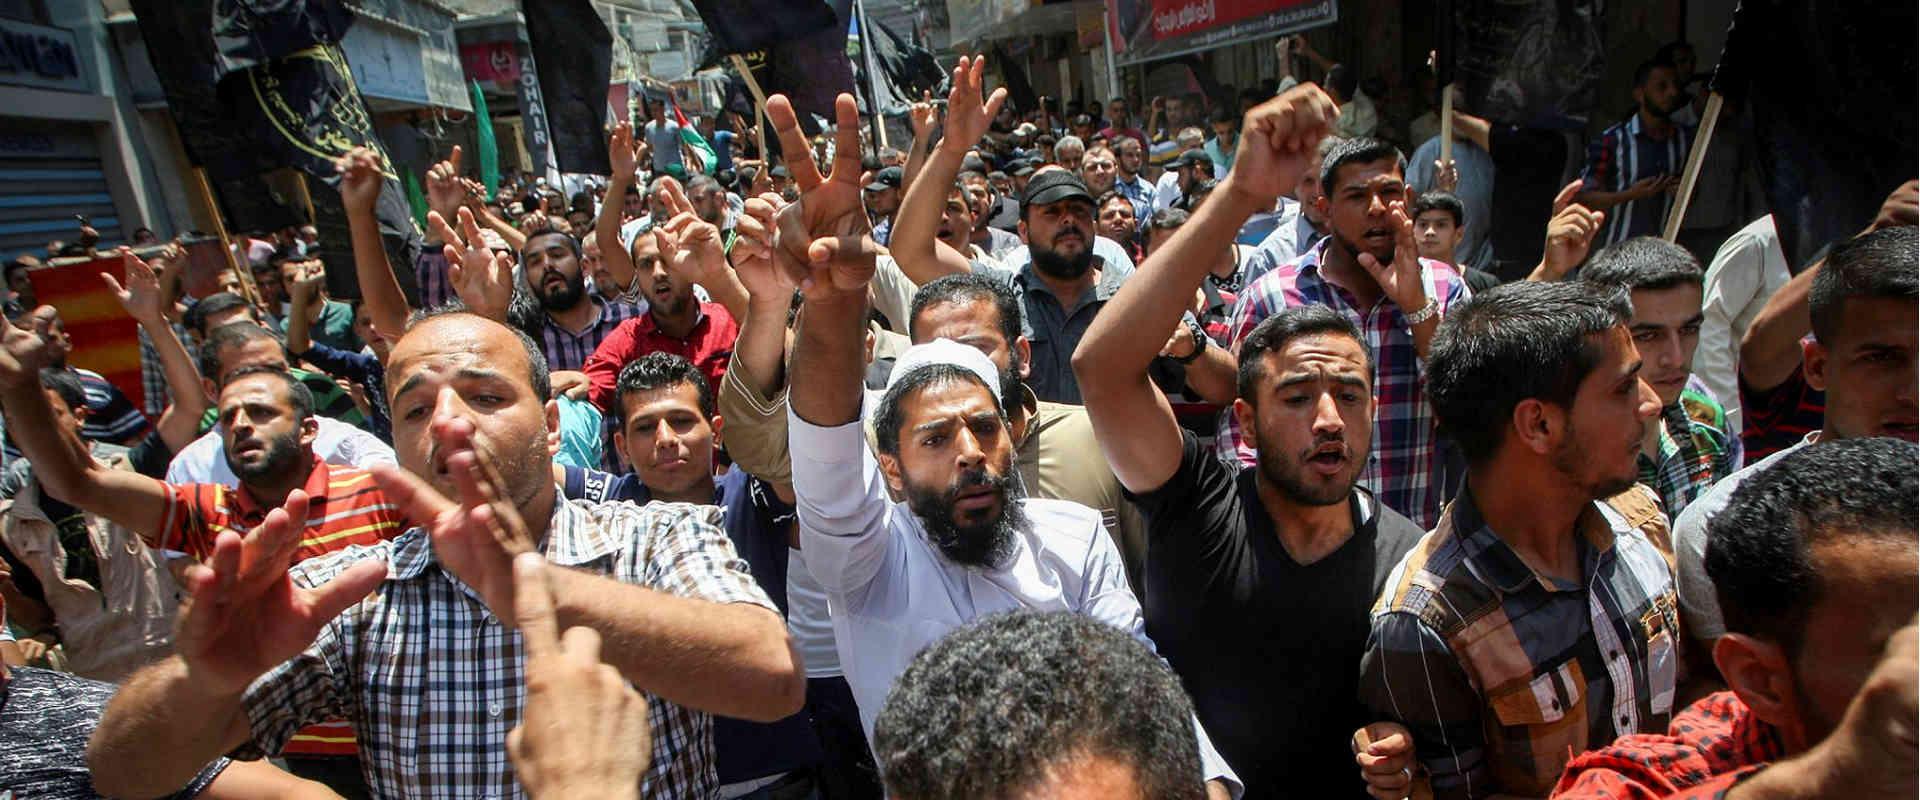 פלסטינים מפגינים מחוץ להר הבית, השבוע